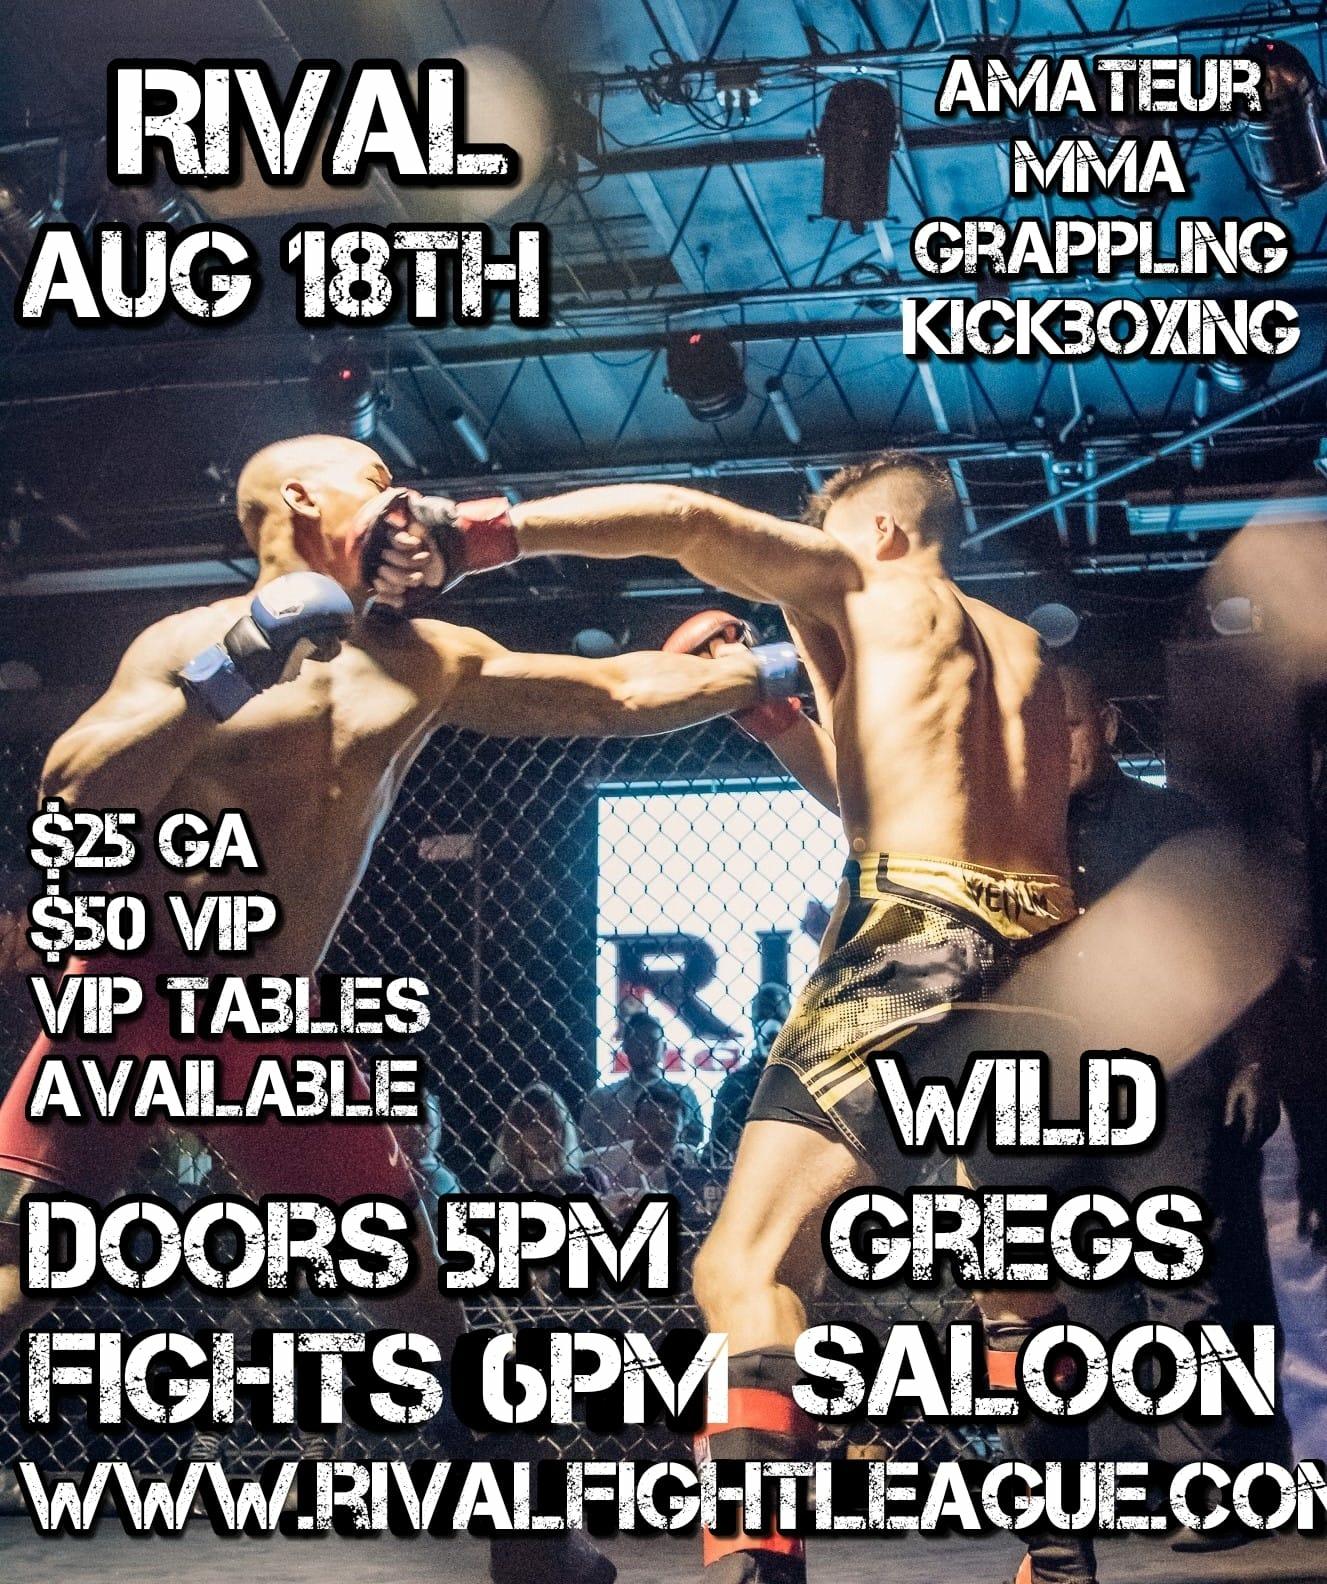 Rival Fight League - Amateur MT @ Wild Greg's Saloon